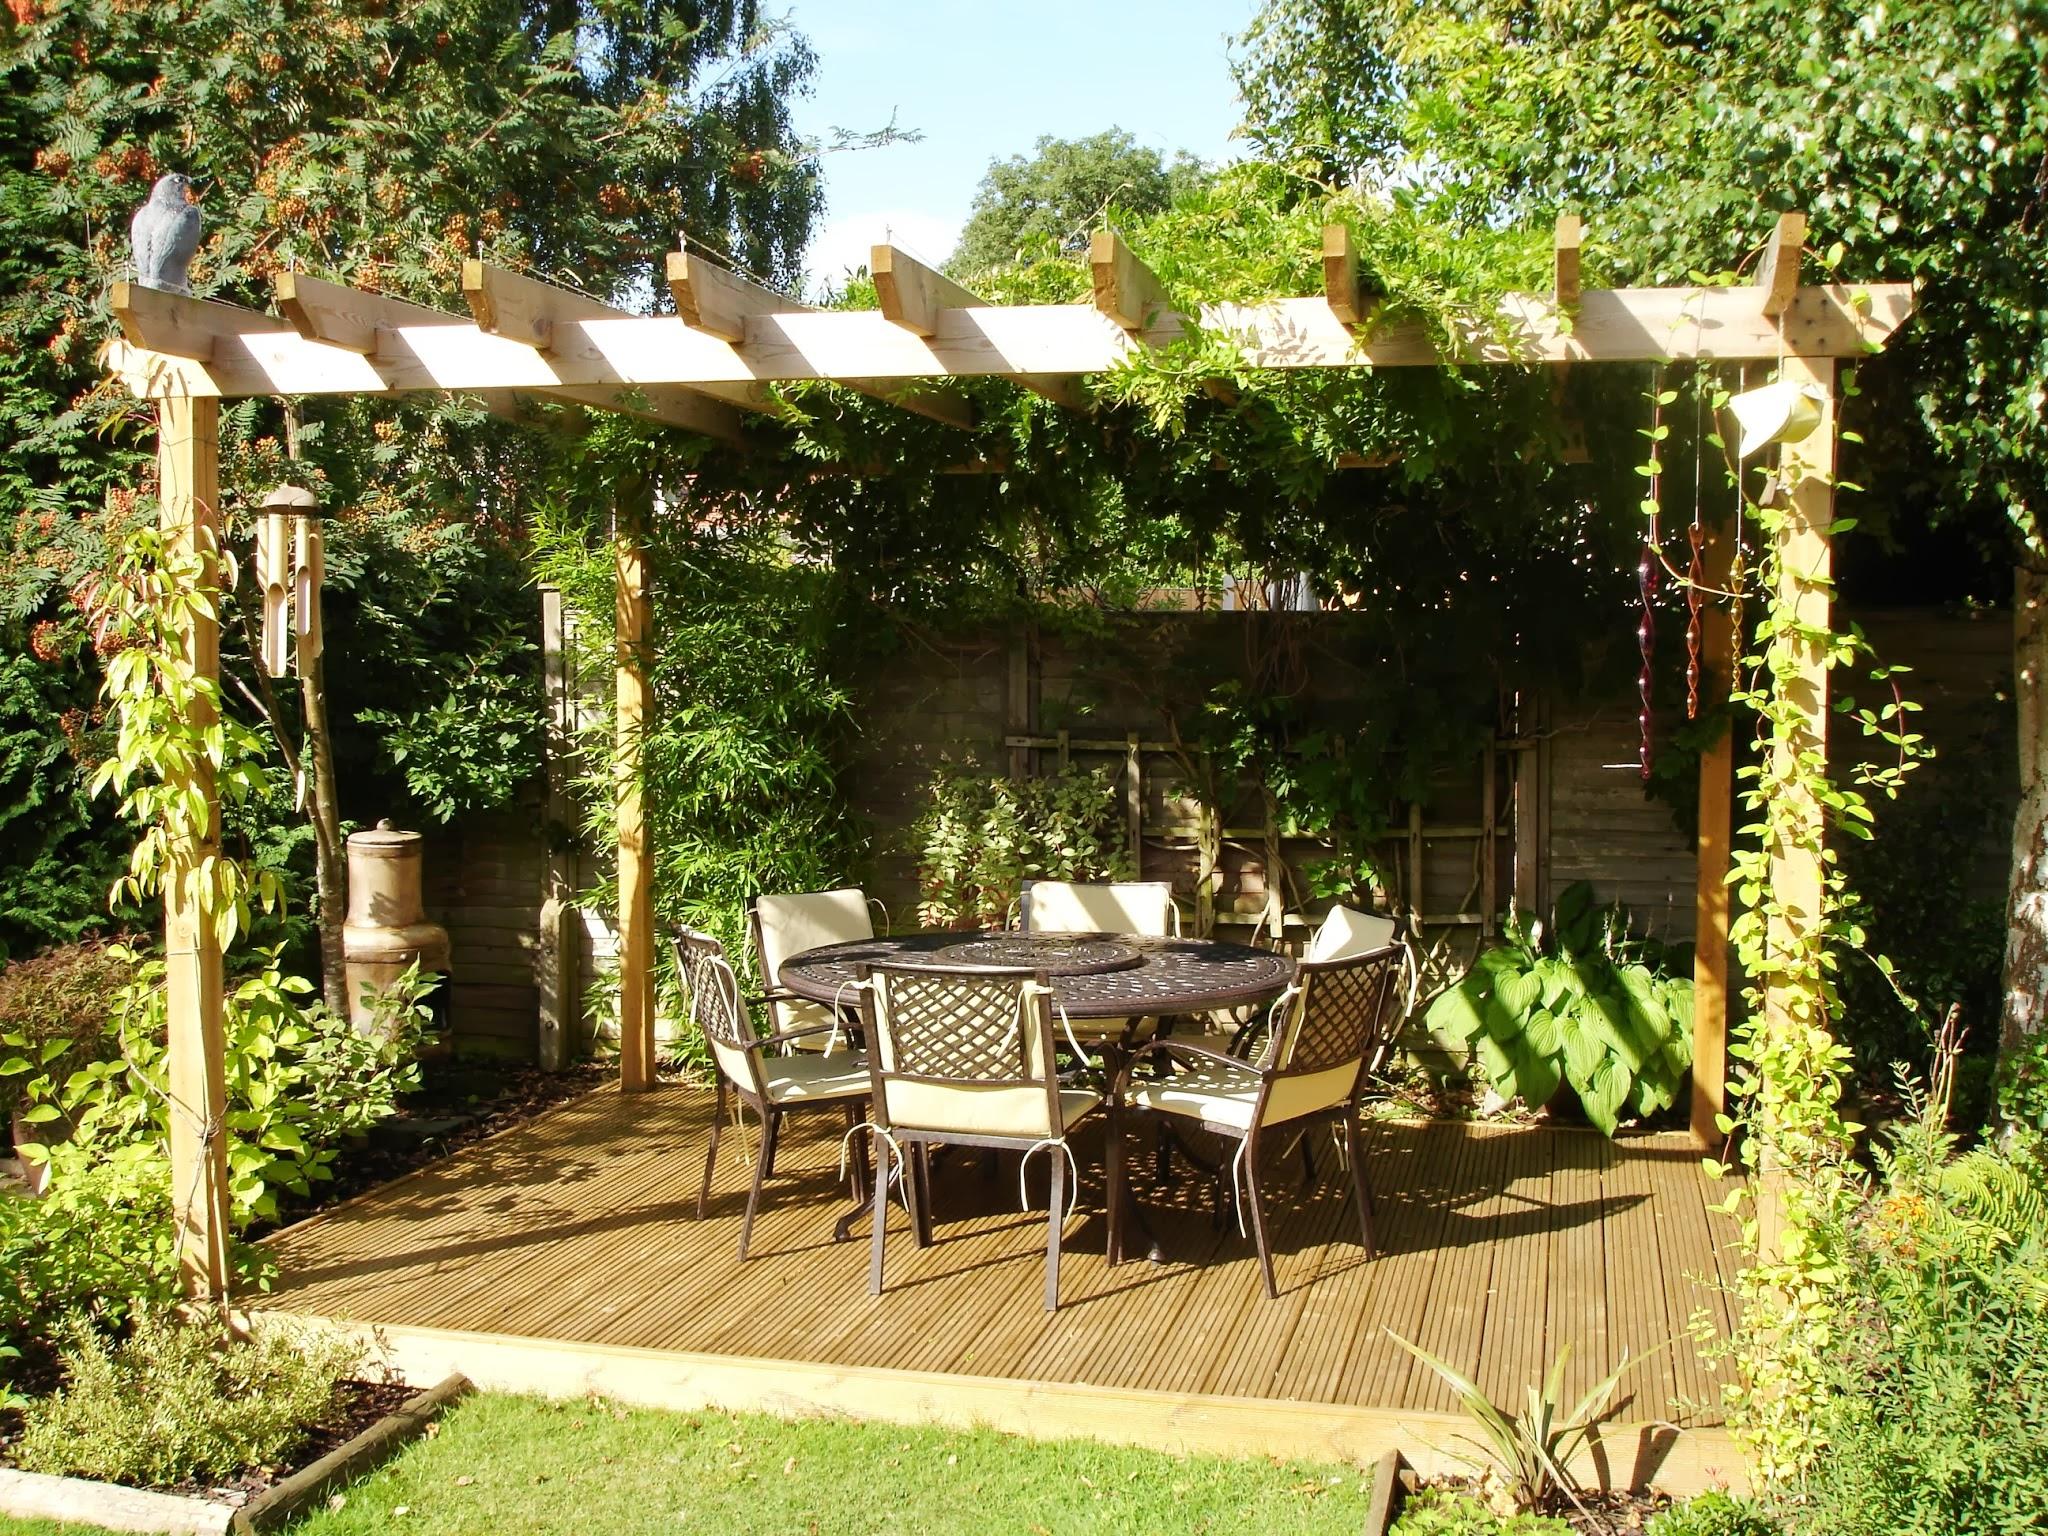 Salon De Jardin Resine Castorama Inspirant Salon De Jardin ... concernant Pergola Castorama Jardin